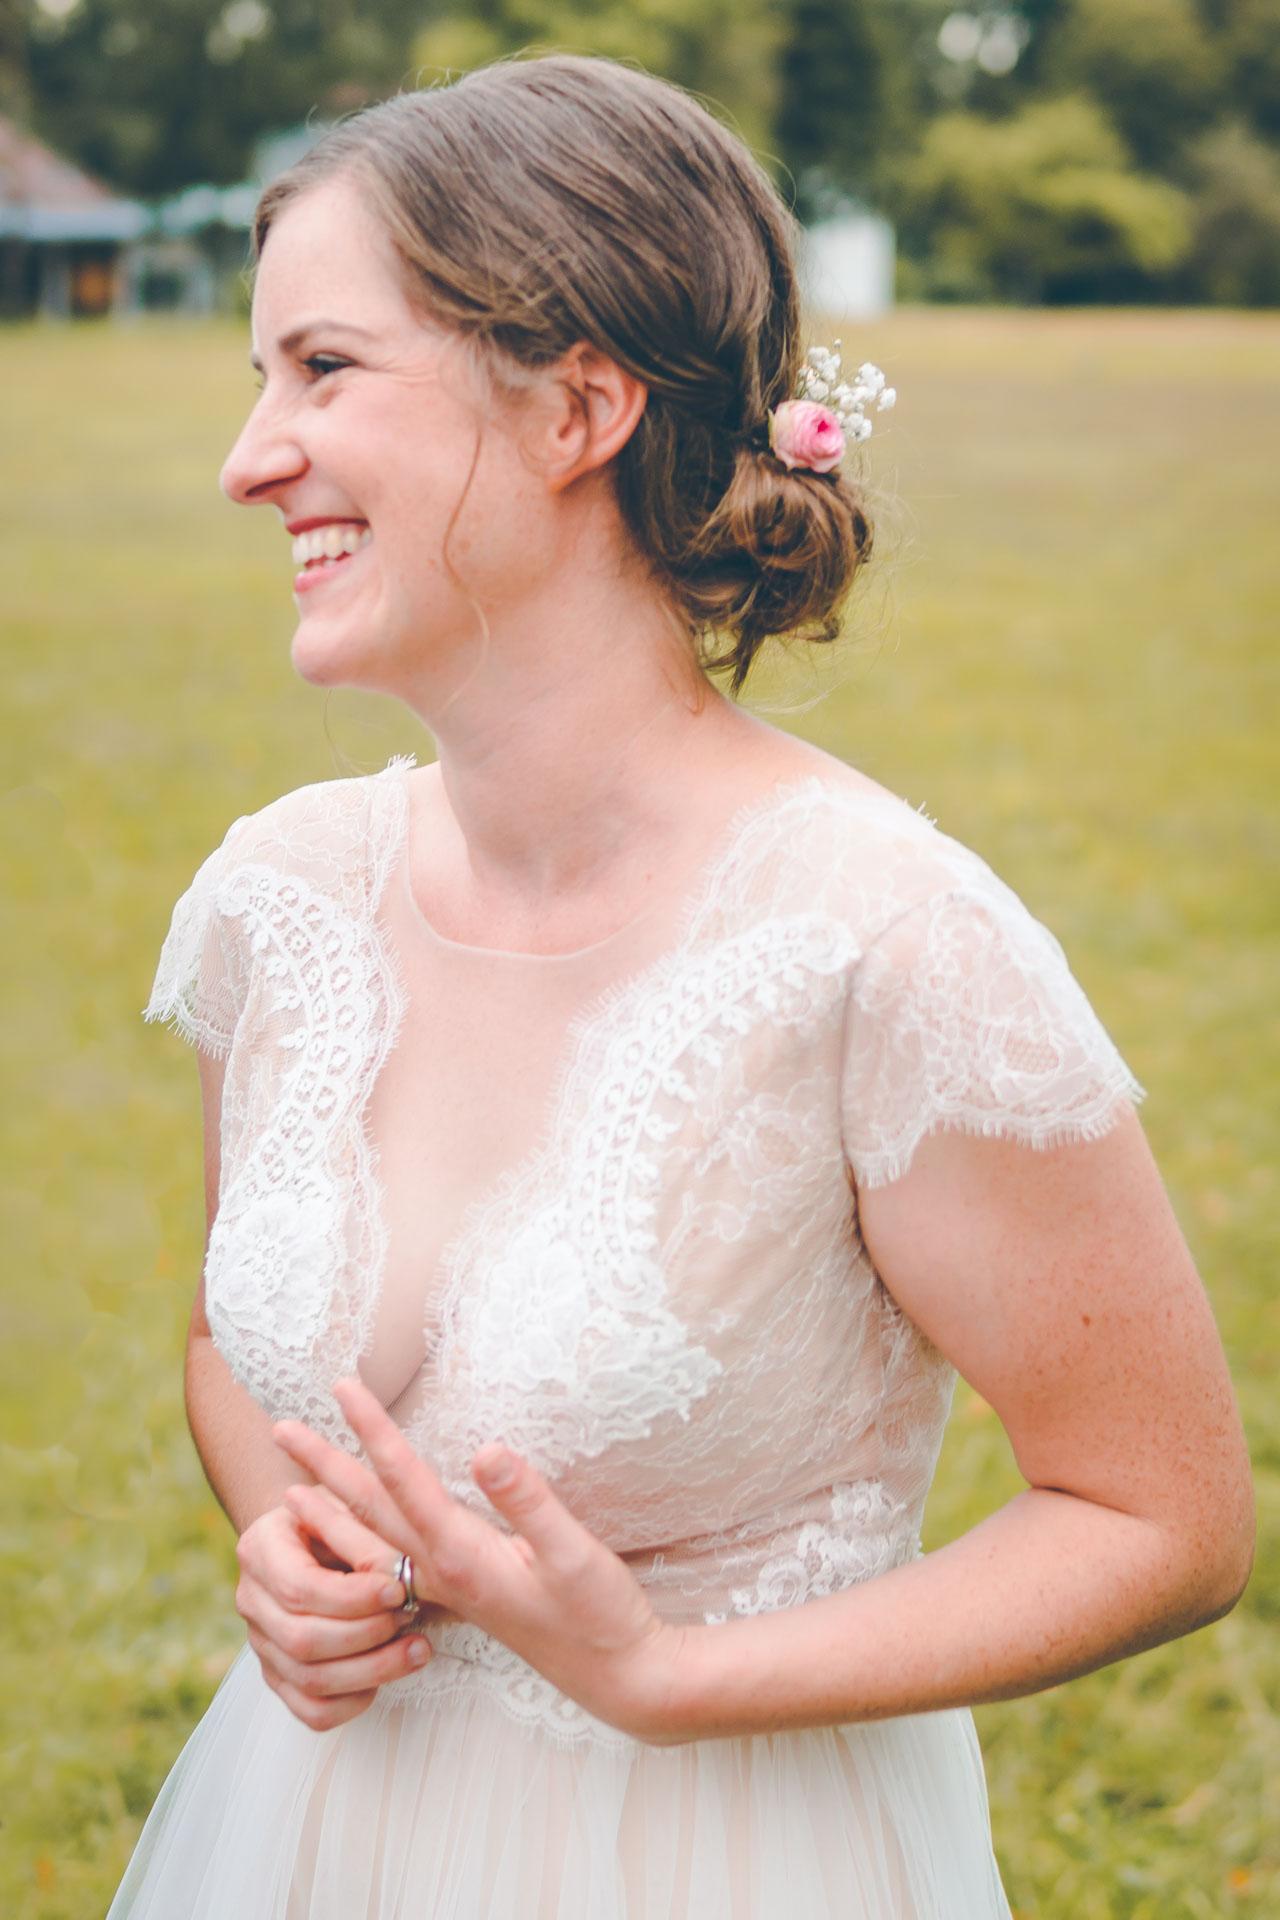 Natürliches Porträt der glücklichen Braut